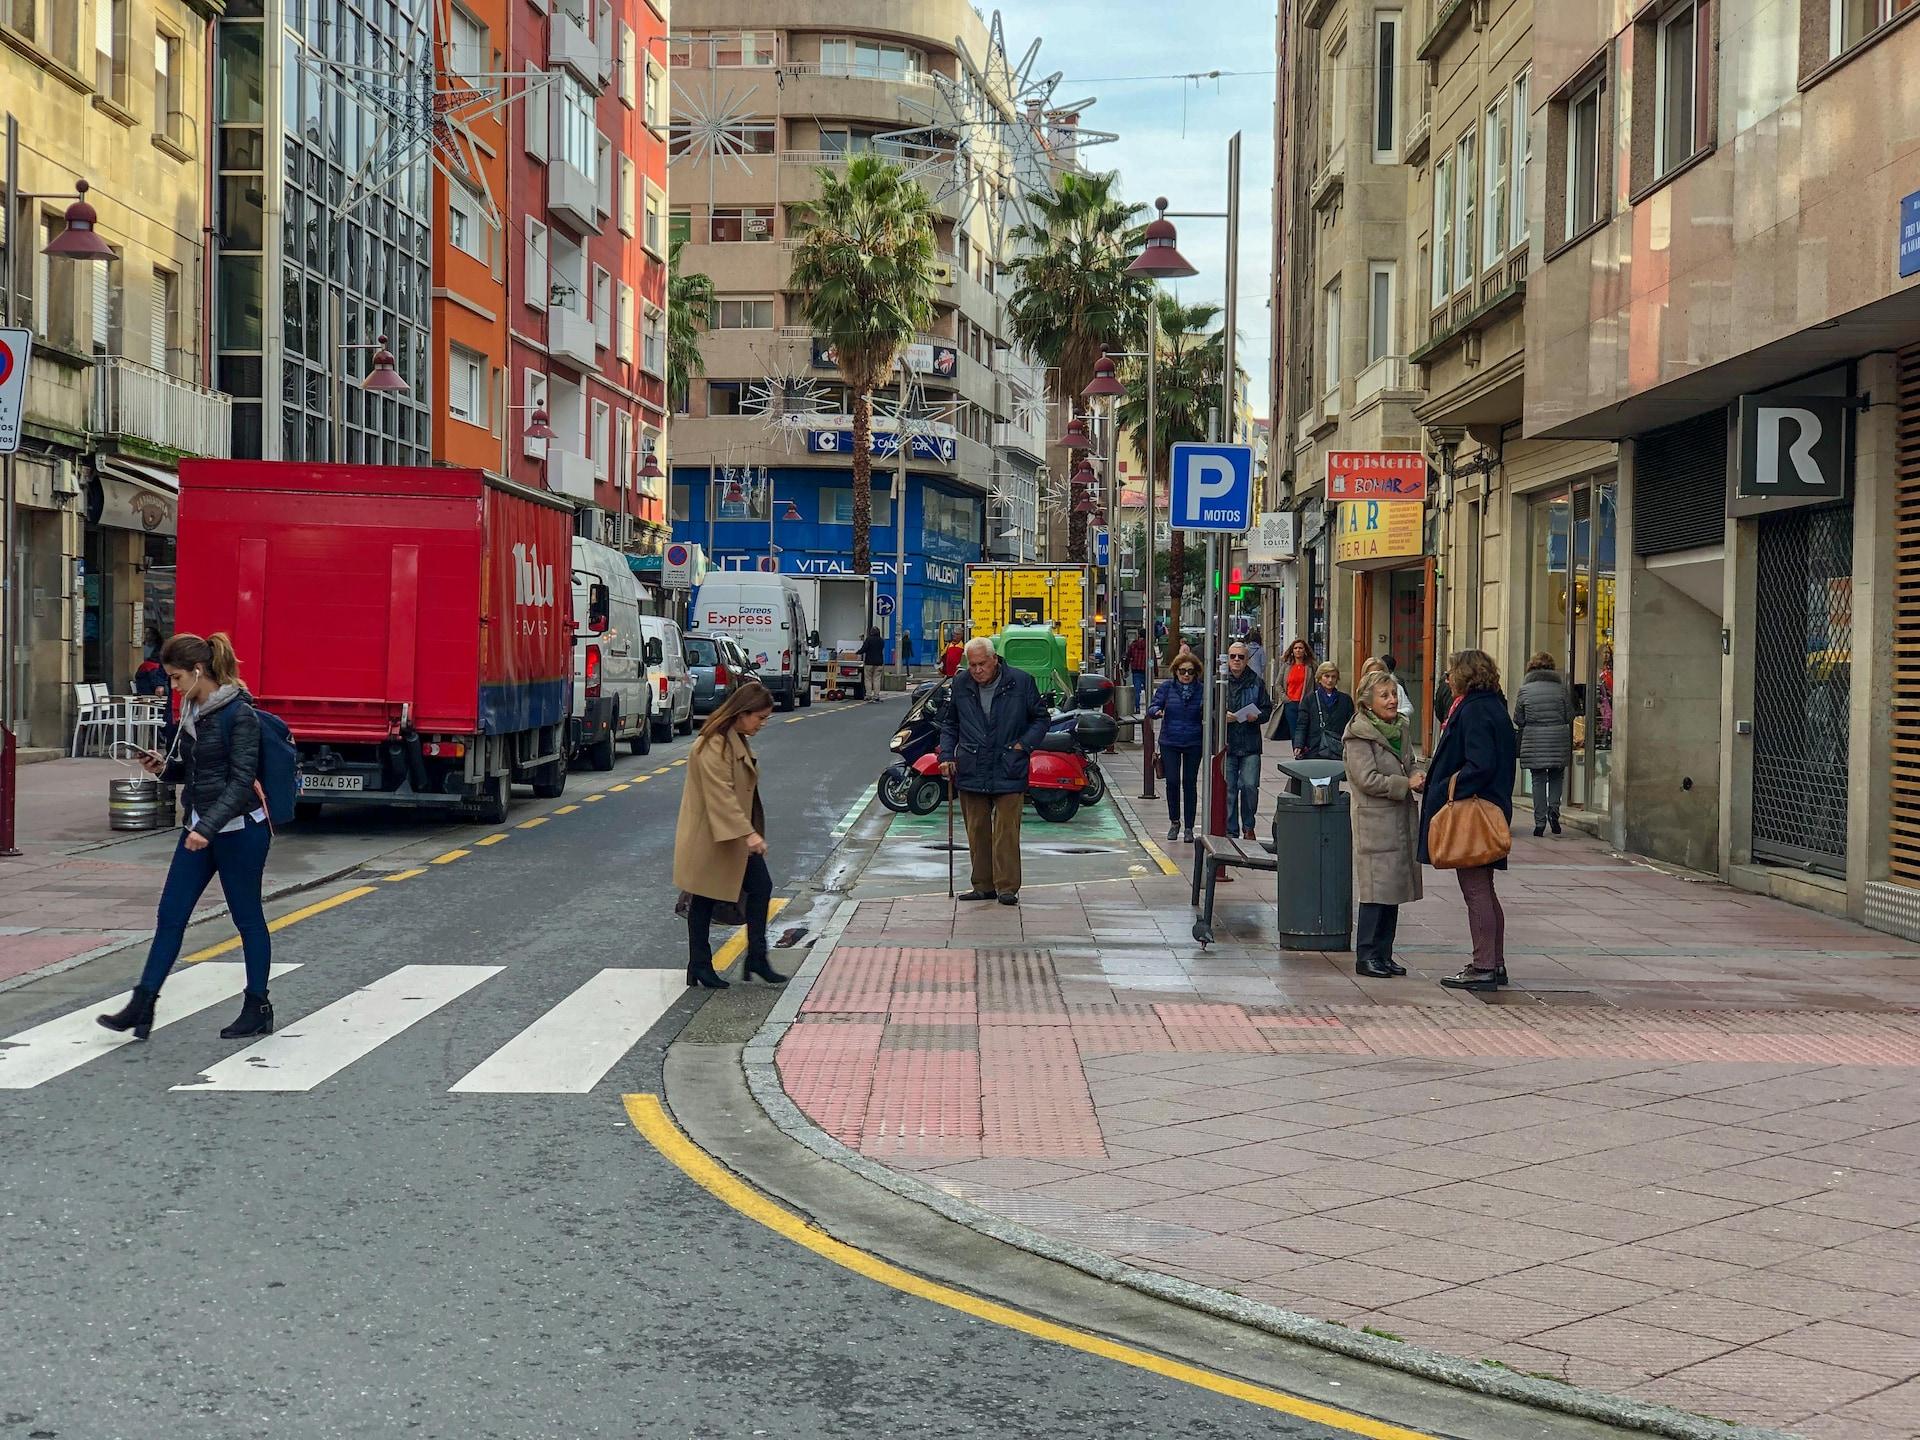 Des gens marchent sur une traverse piétonne.